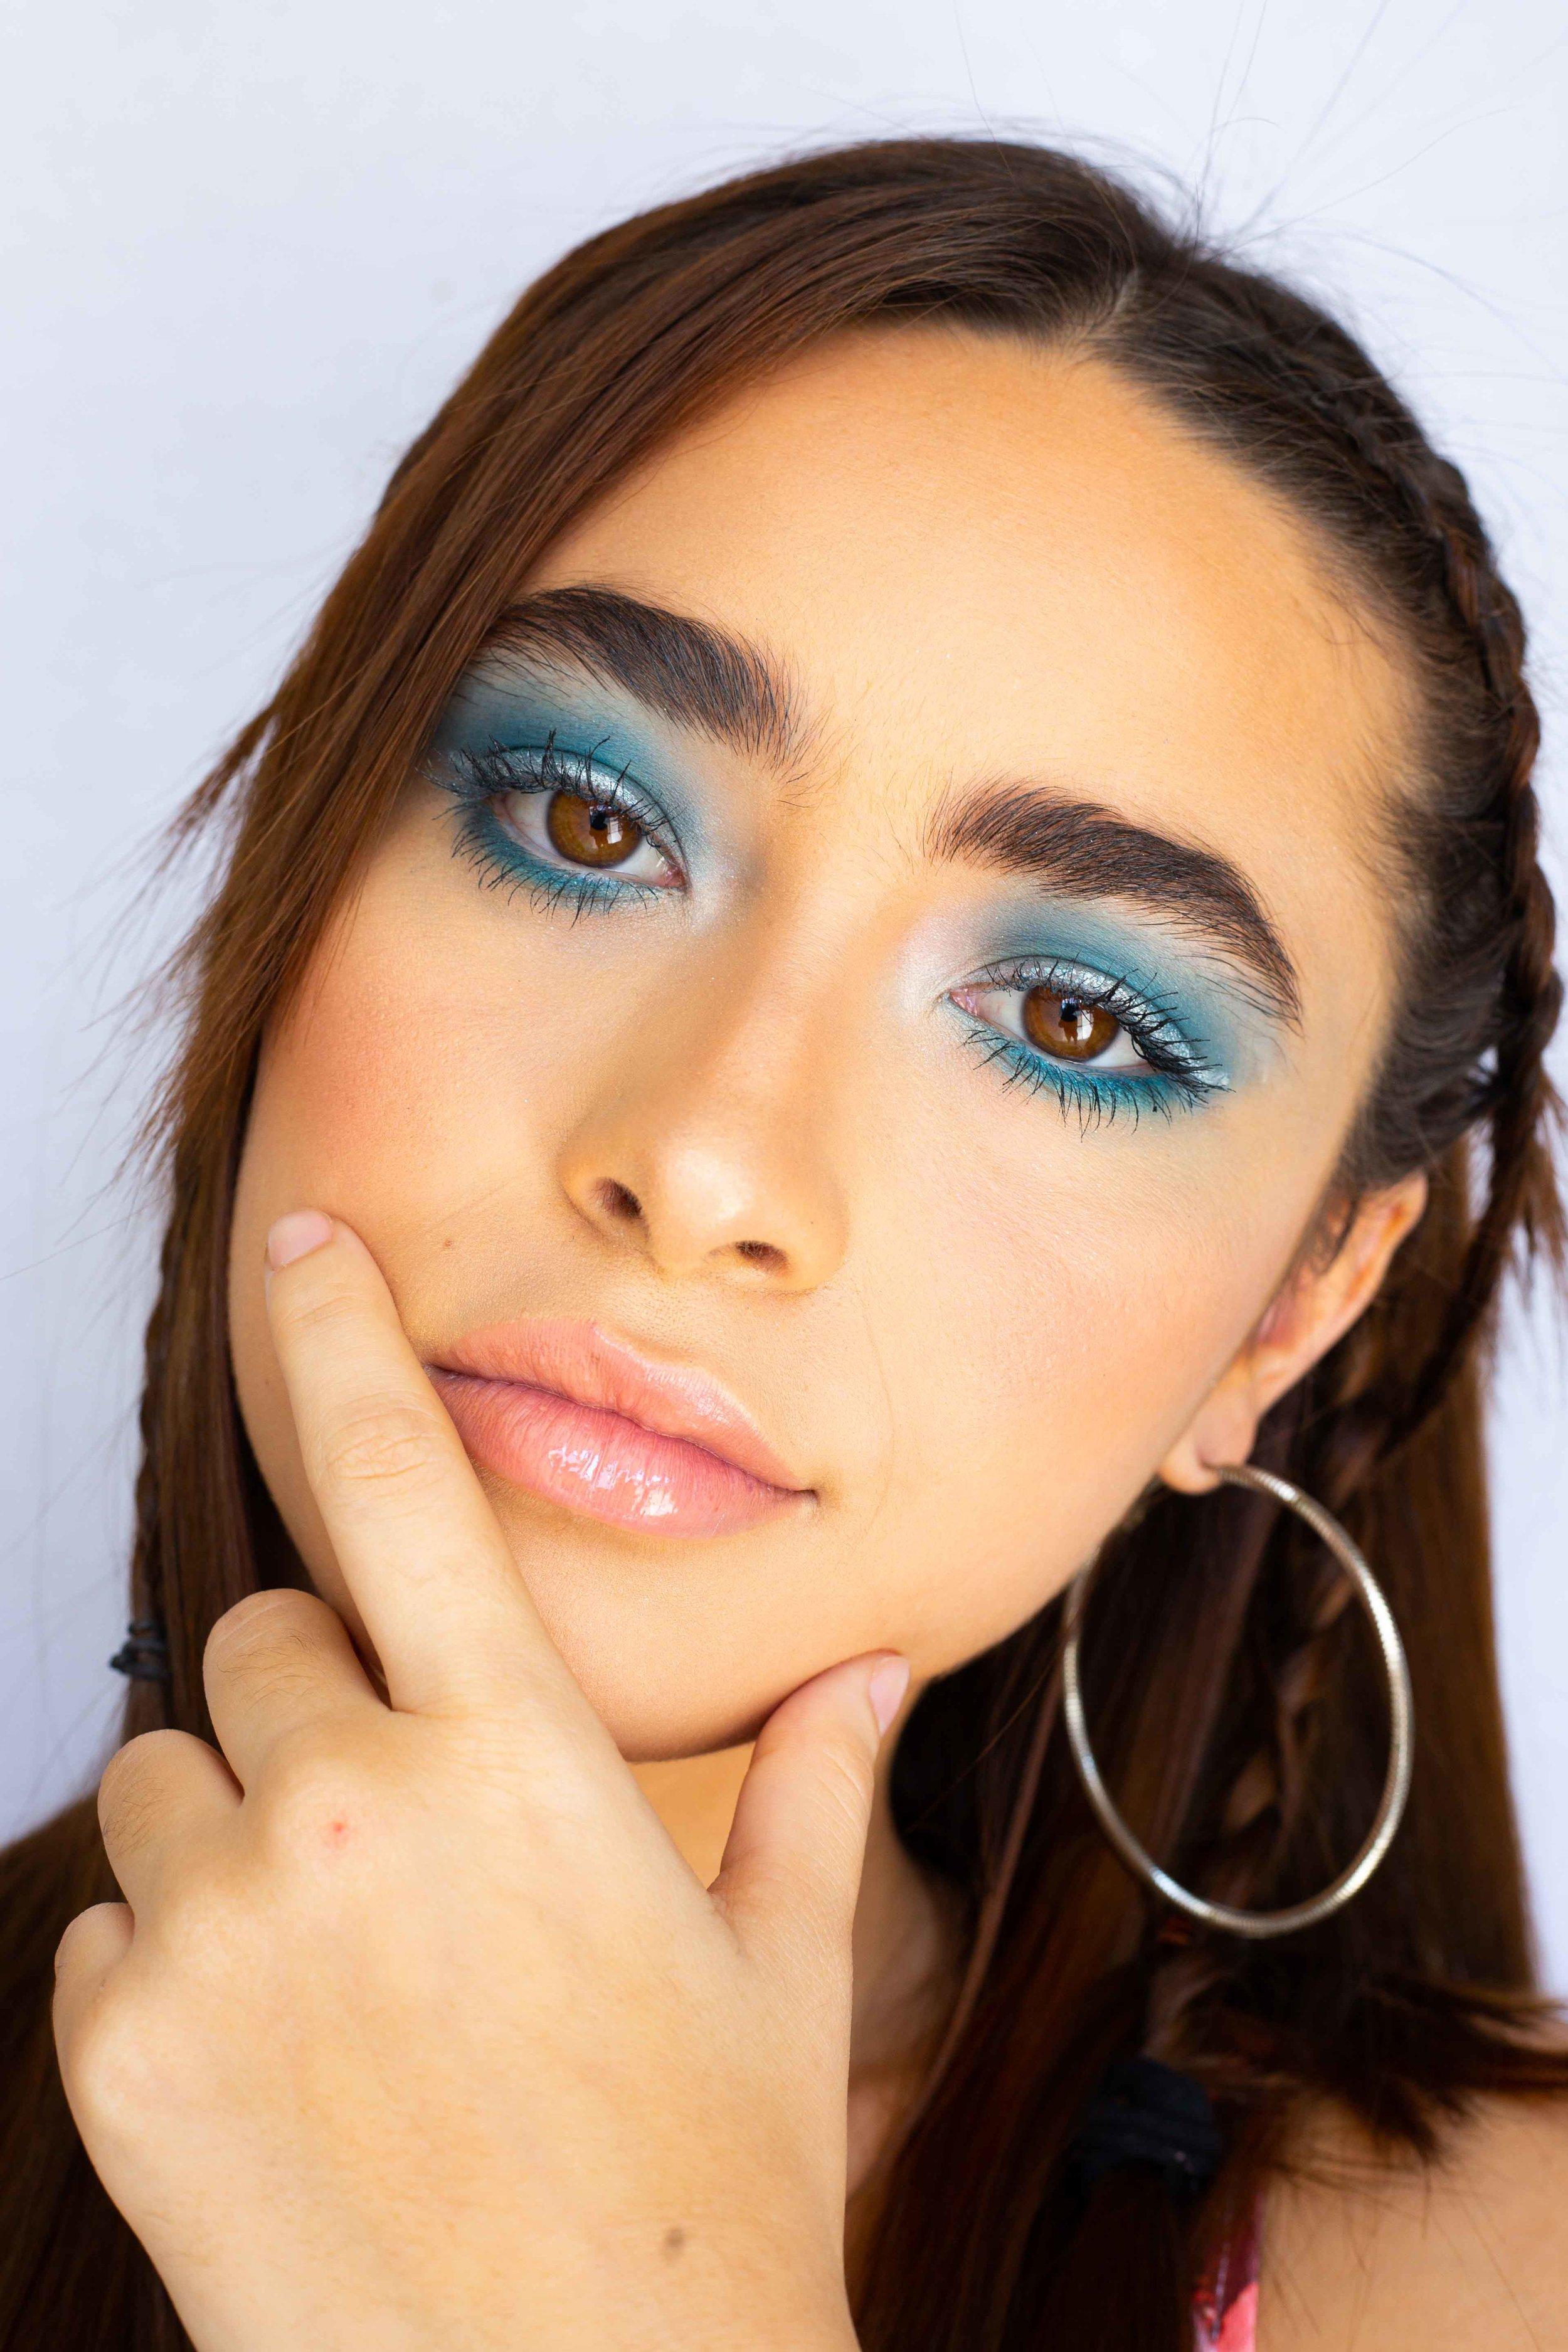 Fotografía: Greta Garrett  Modelo: Vivian Chnaid  MUA: Dzagia Auais  Producción y concepto: Juan Carlos Damas, Melanie Garrido